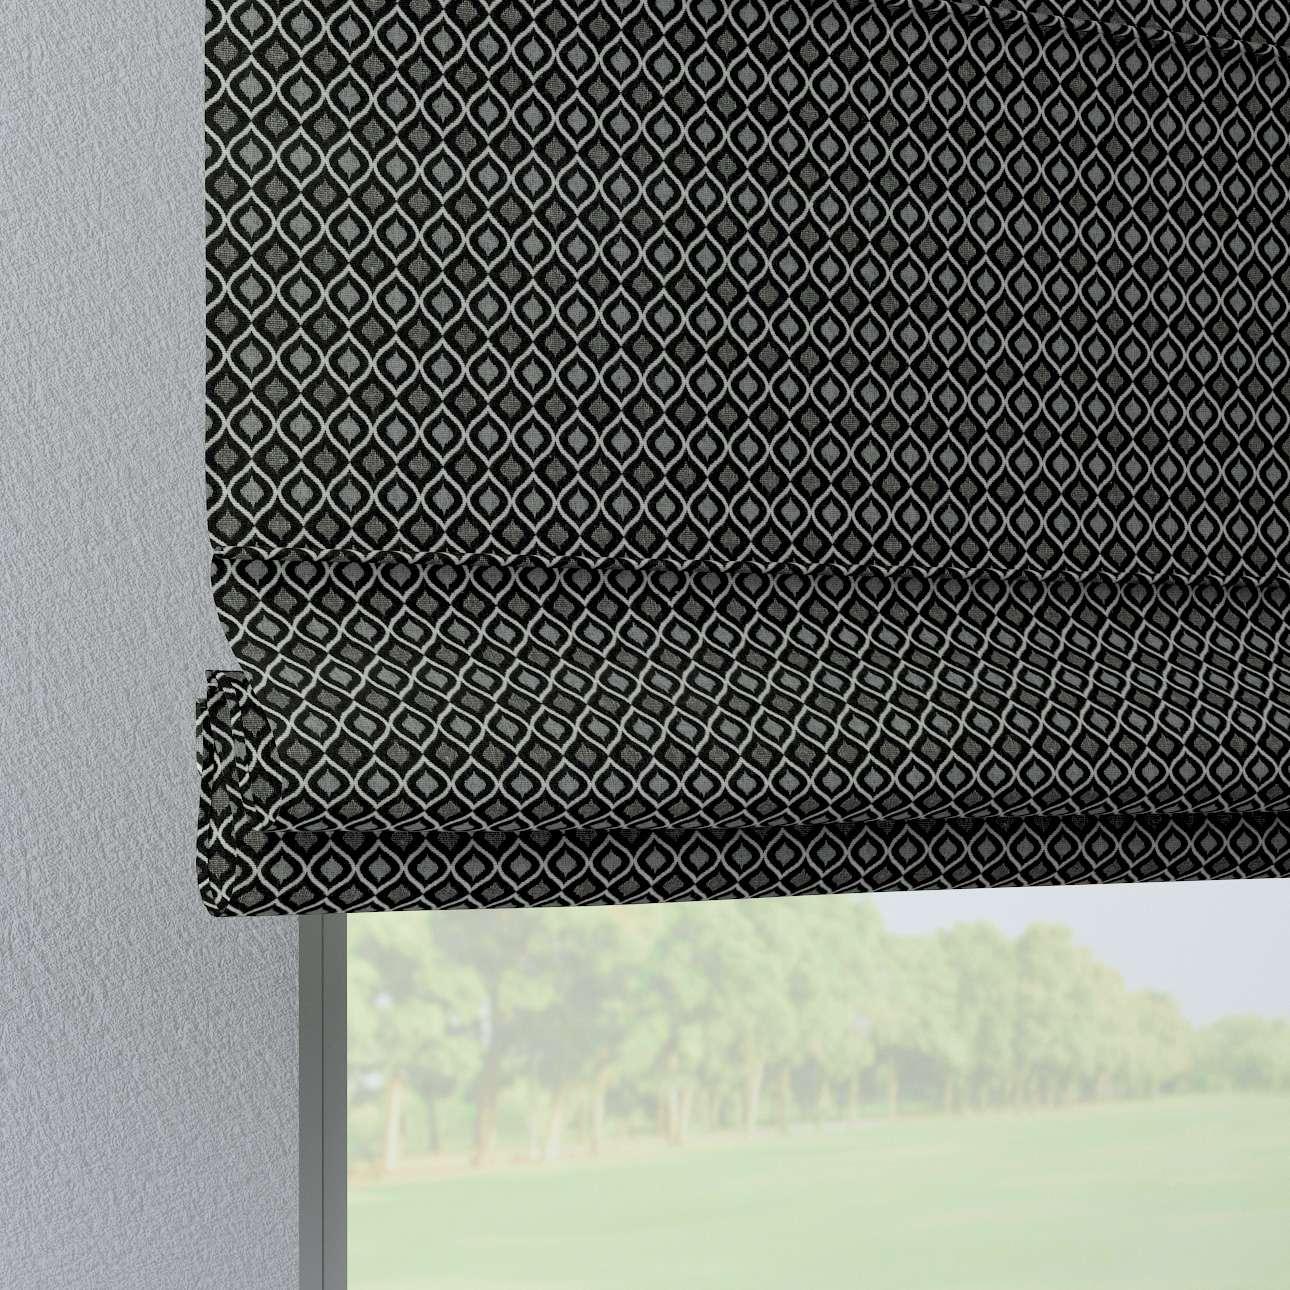 Liftgardin Verona<br/>Med stropper til gardinstang fra kolleksjonen Black & White, Stoffets bredde: 142-86